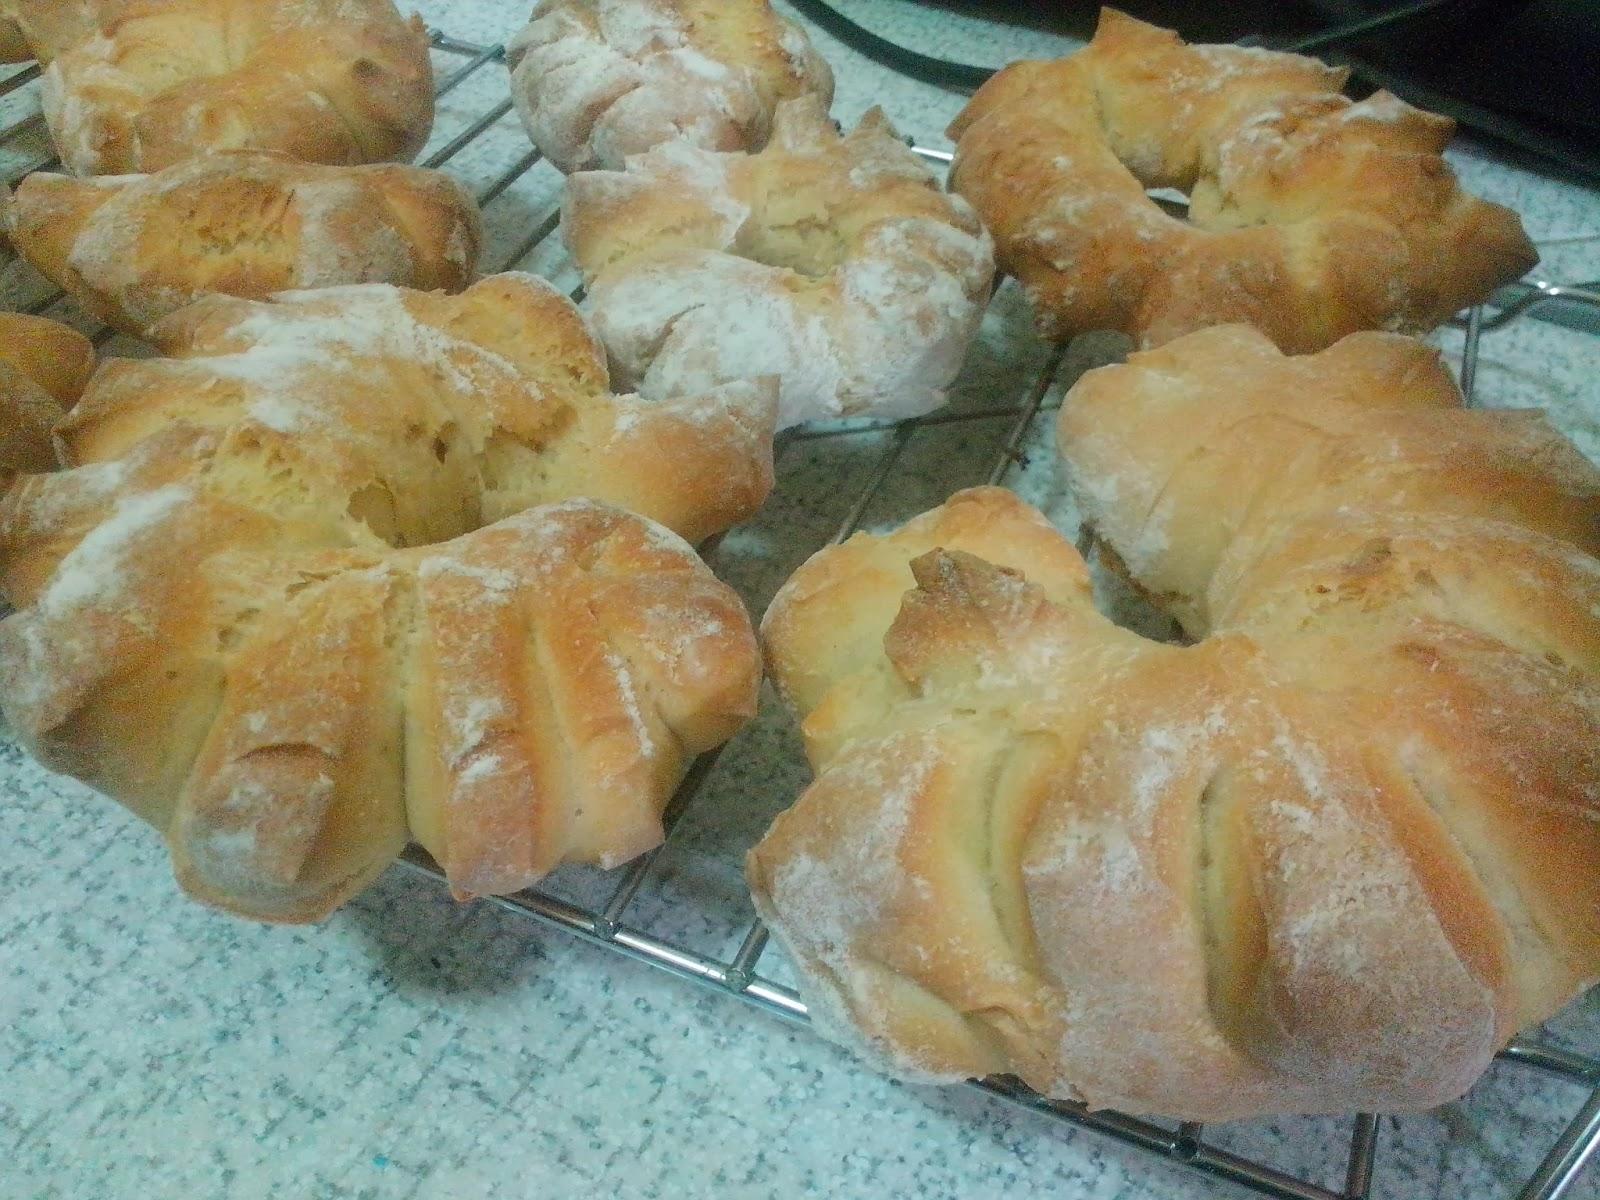 il mio primo lievito madre...il mio primo pane : su coccoi